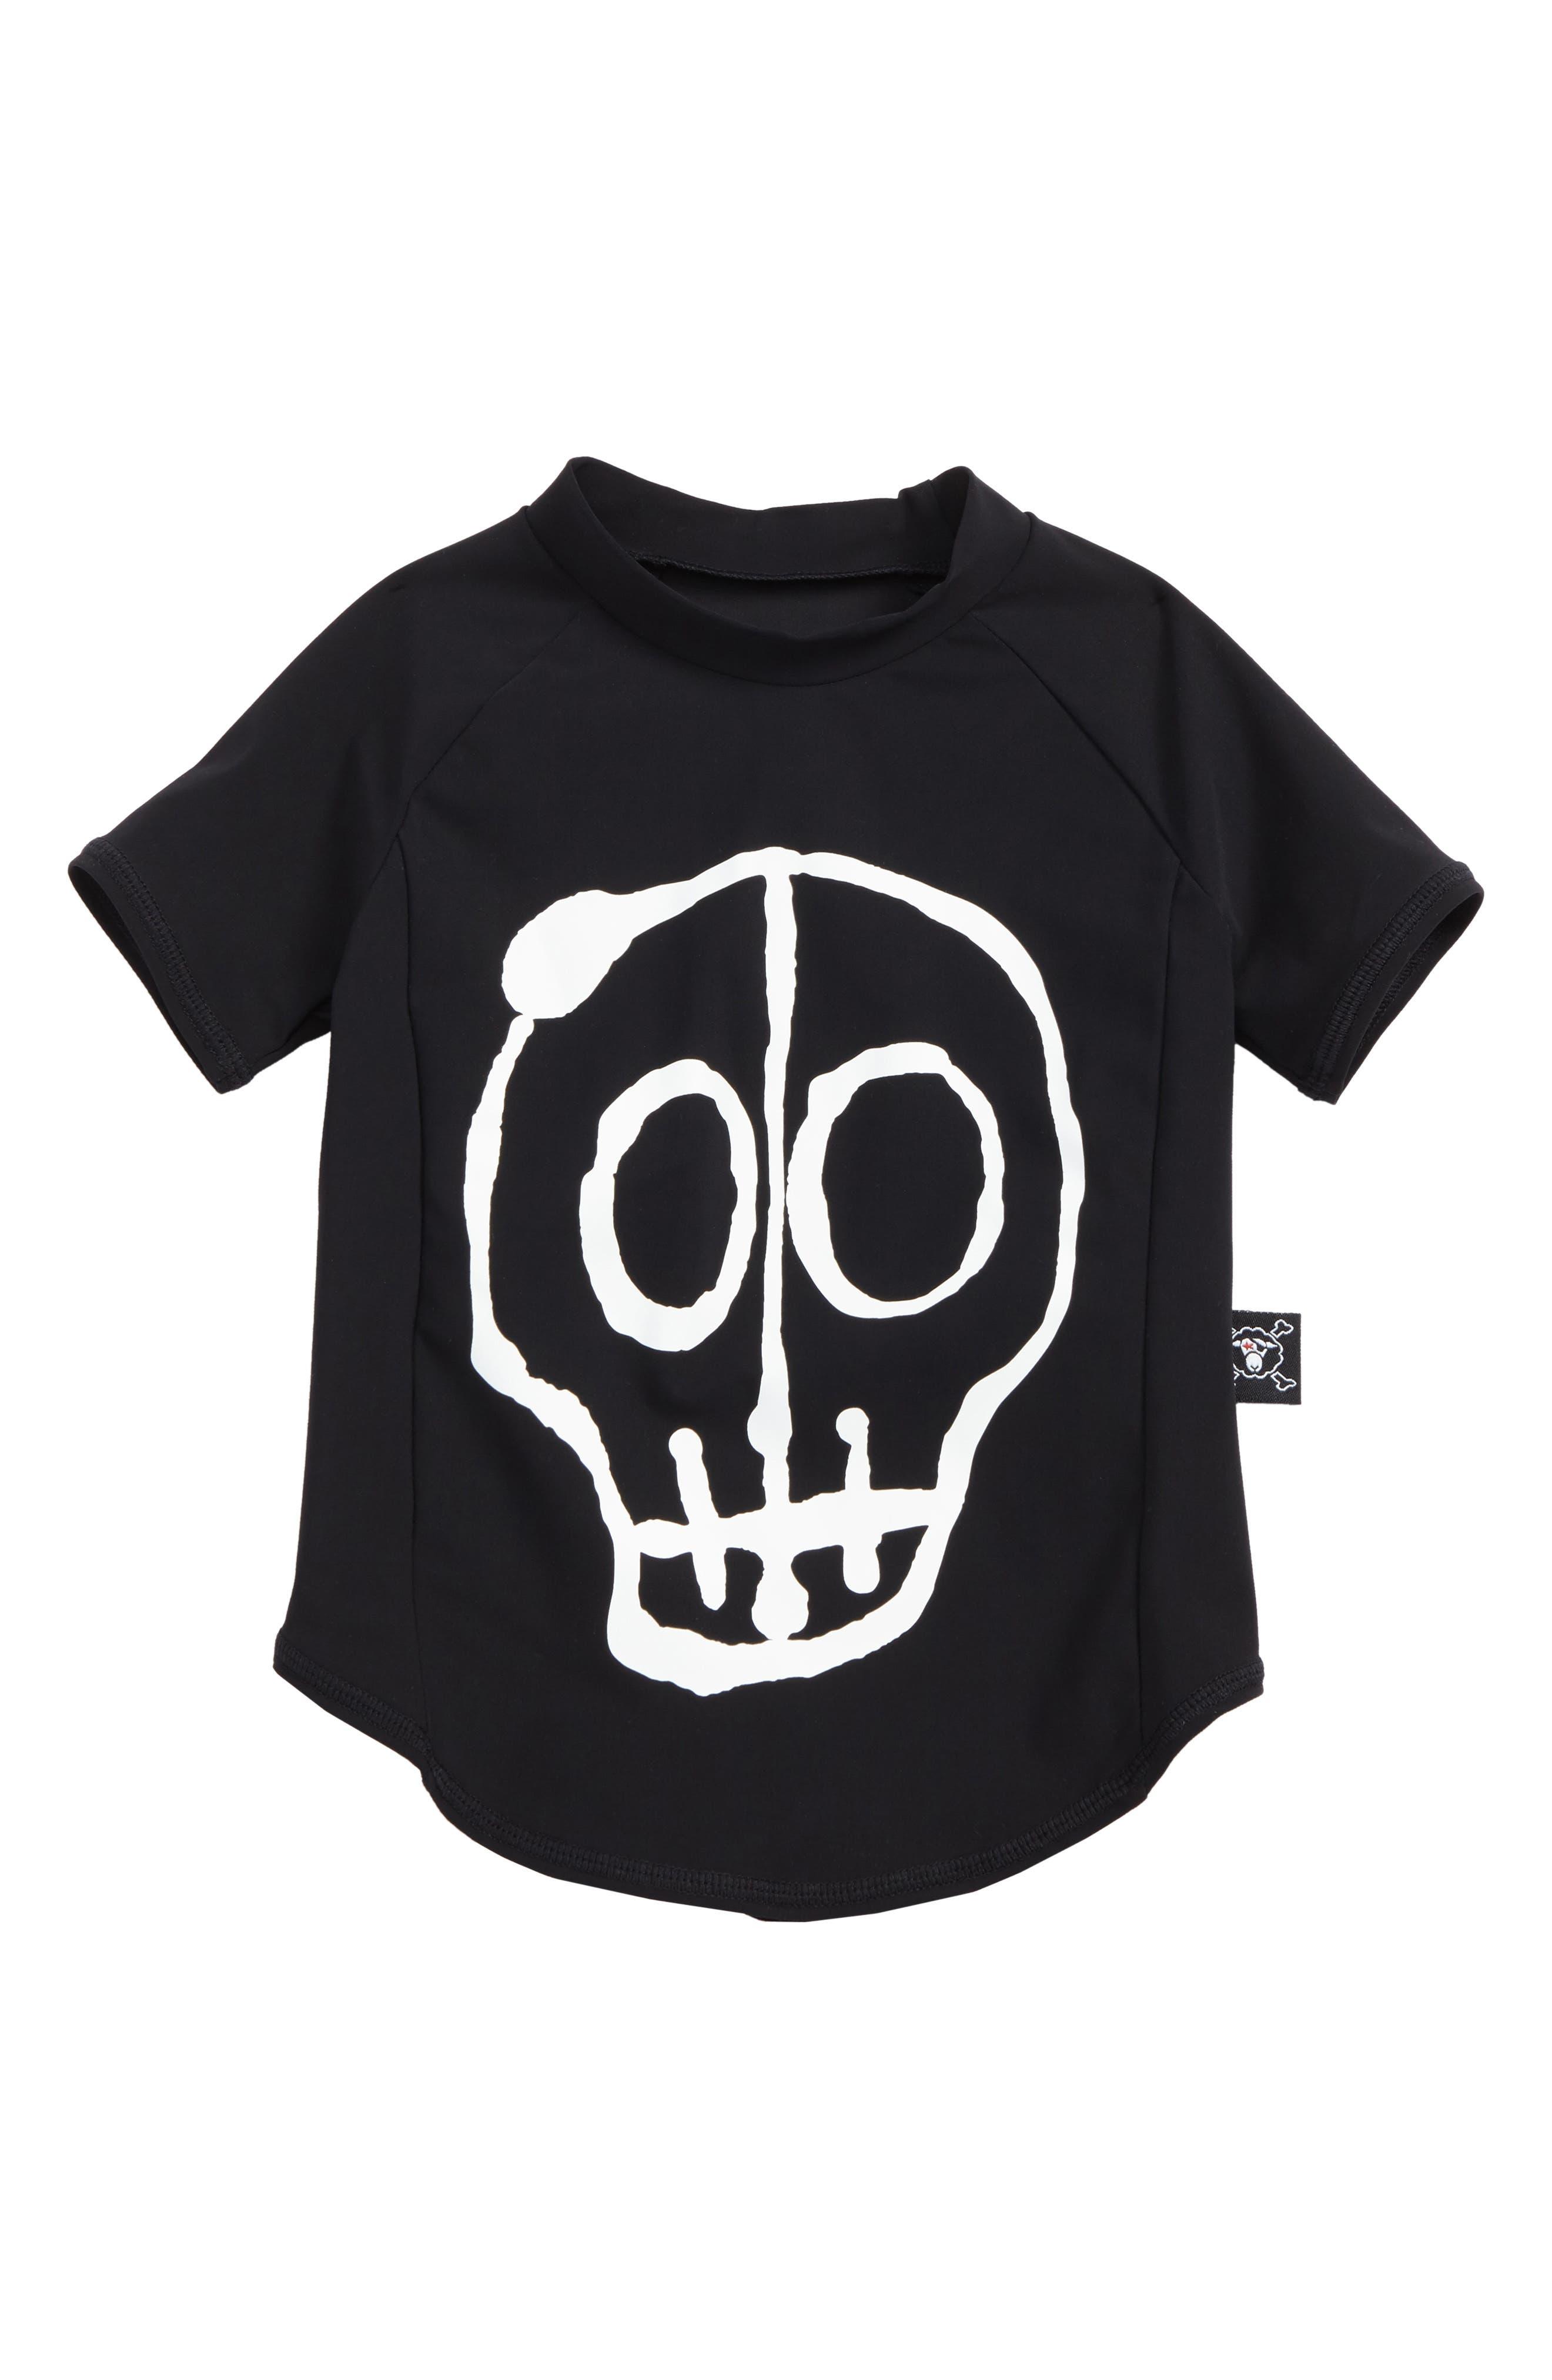 Skull Mask Rashguard,                             Main thumbnail 1, color,                             Black